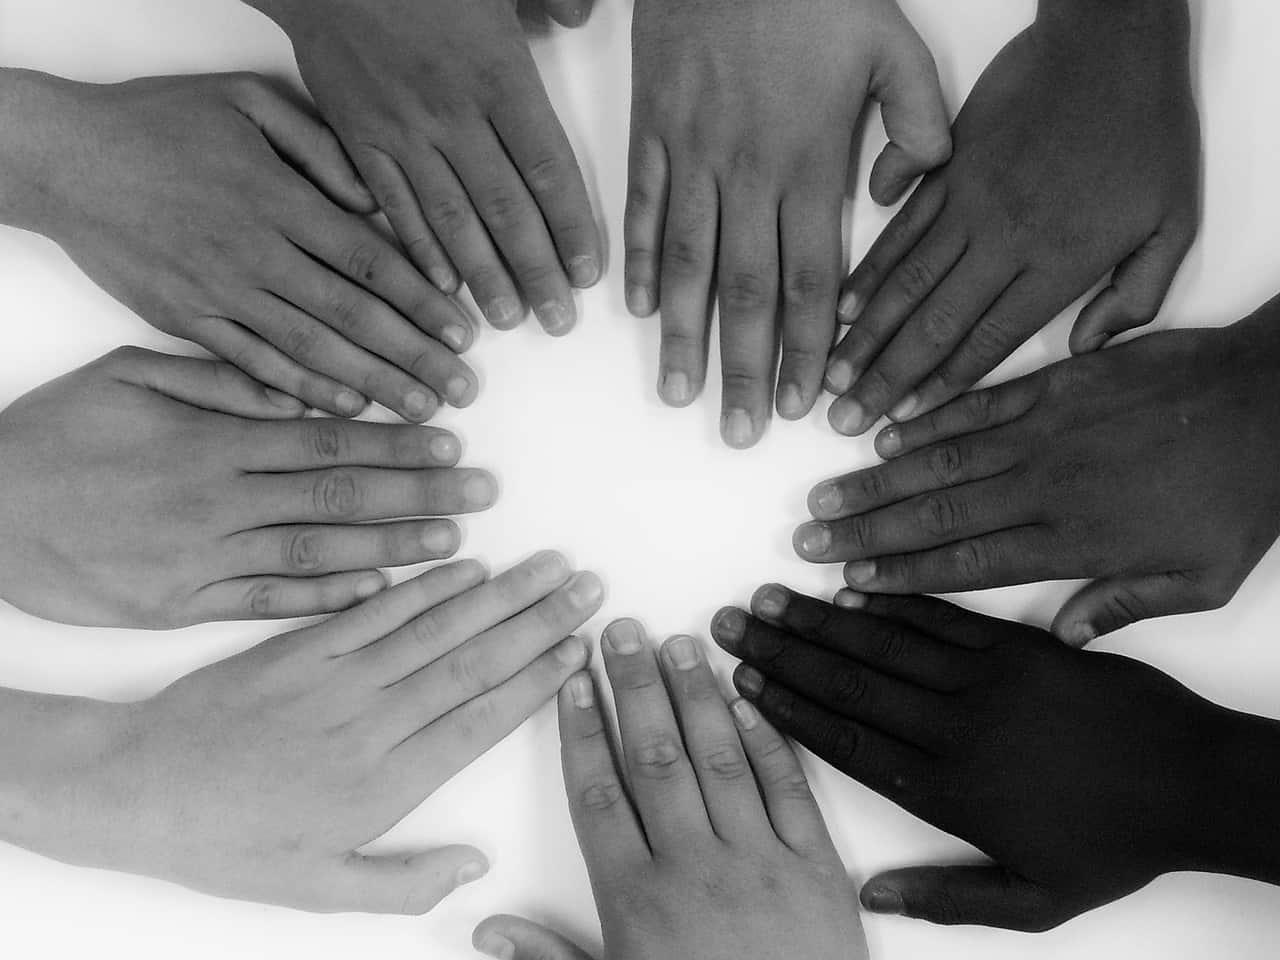 Es ist wichtig, dass alle verschiedenen Abteilung zusammenarbeiten und miteinander kommunizieren.